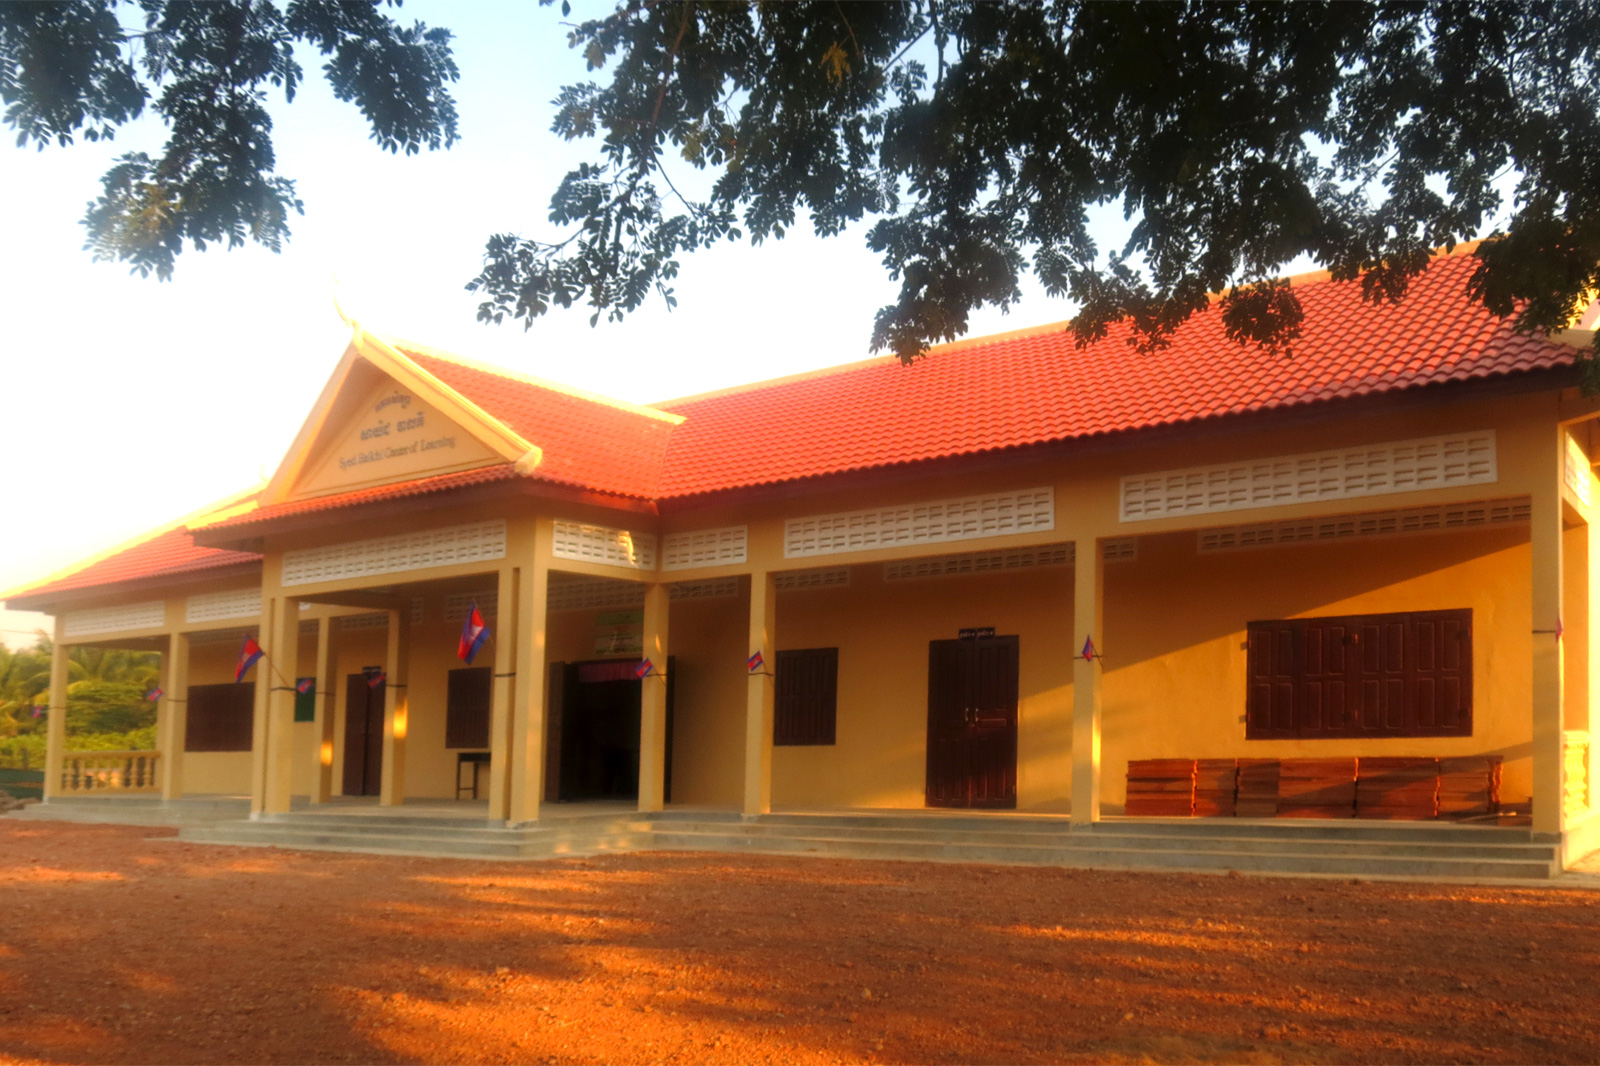 Syed Balkhi Center of Learning